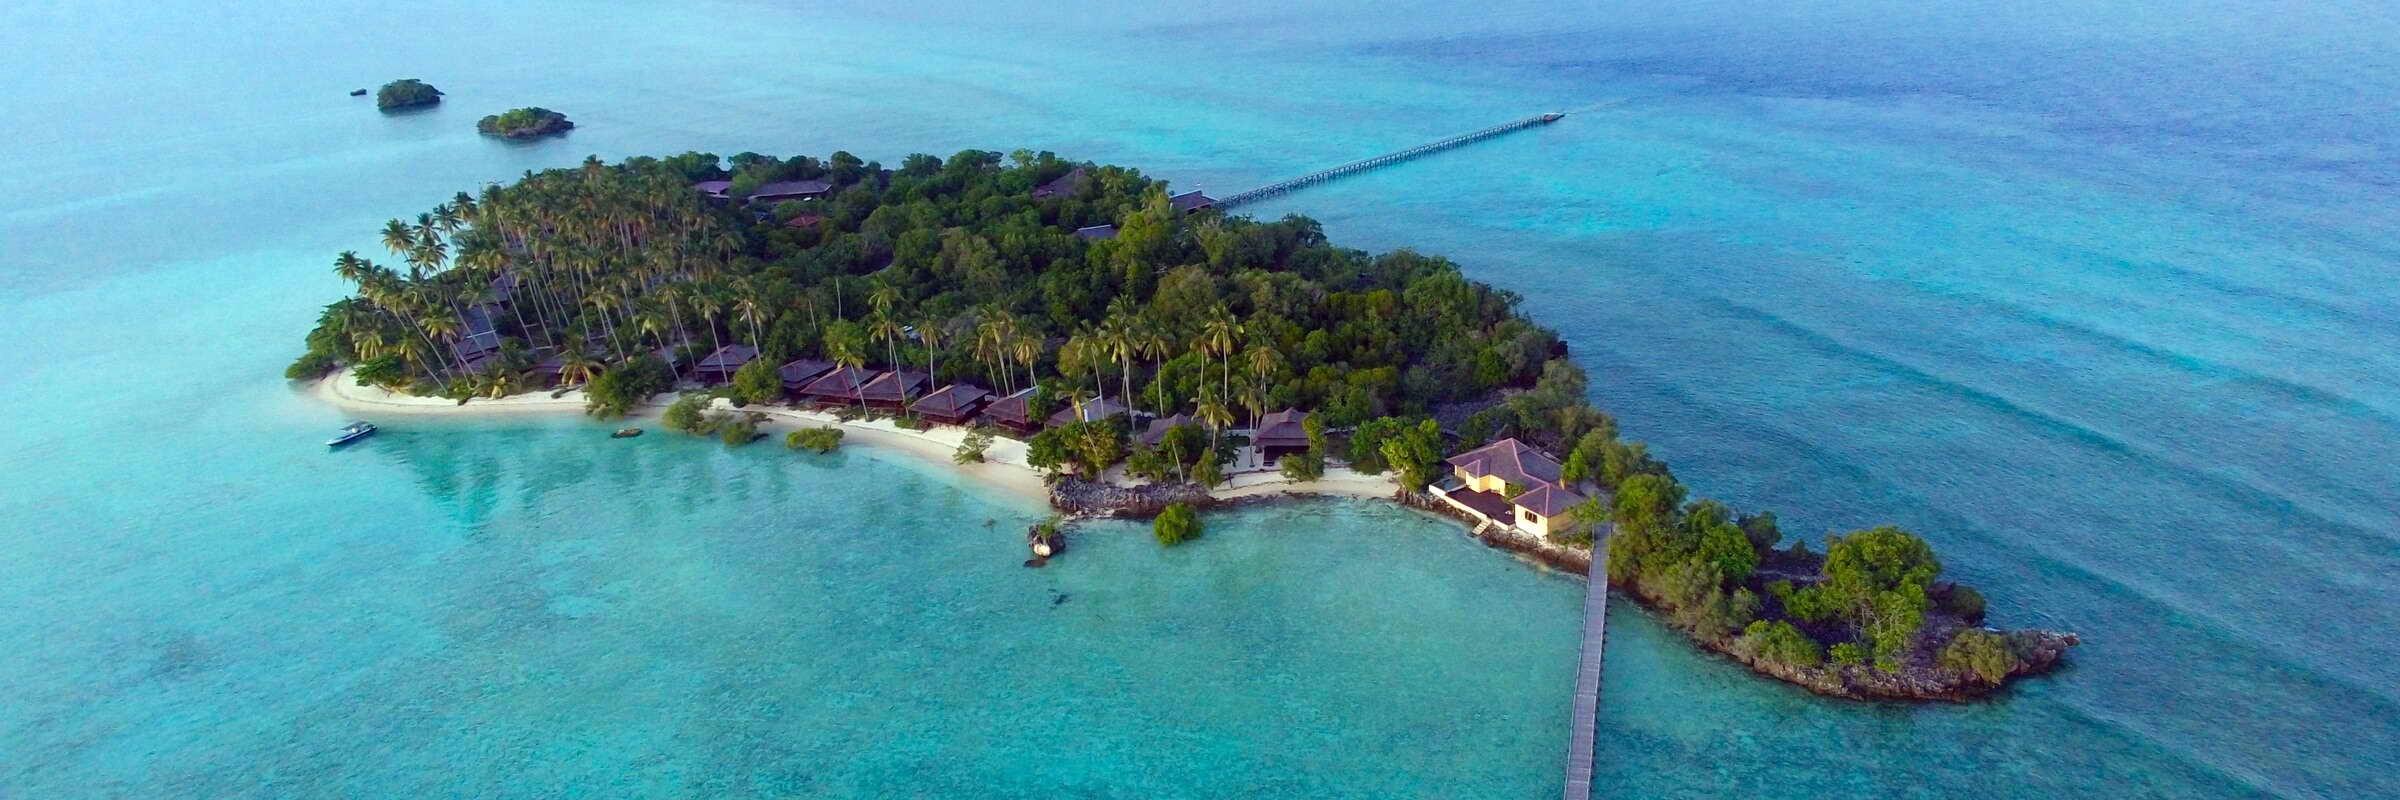 Das paradiesische Nunukan Island Resort befindet sich inmitten der Sulawesisee vor der Ostküste Borneos.